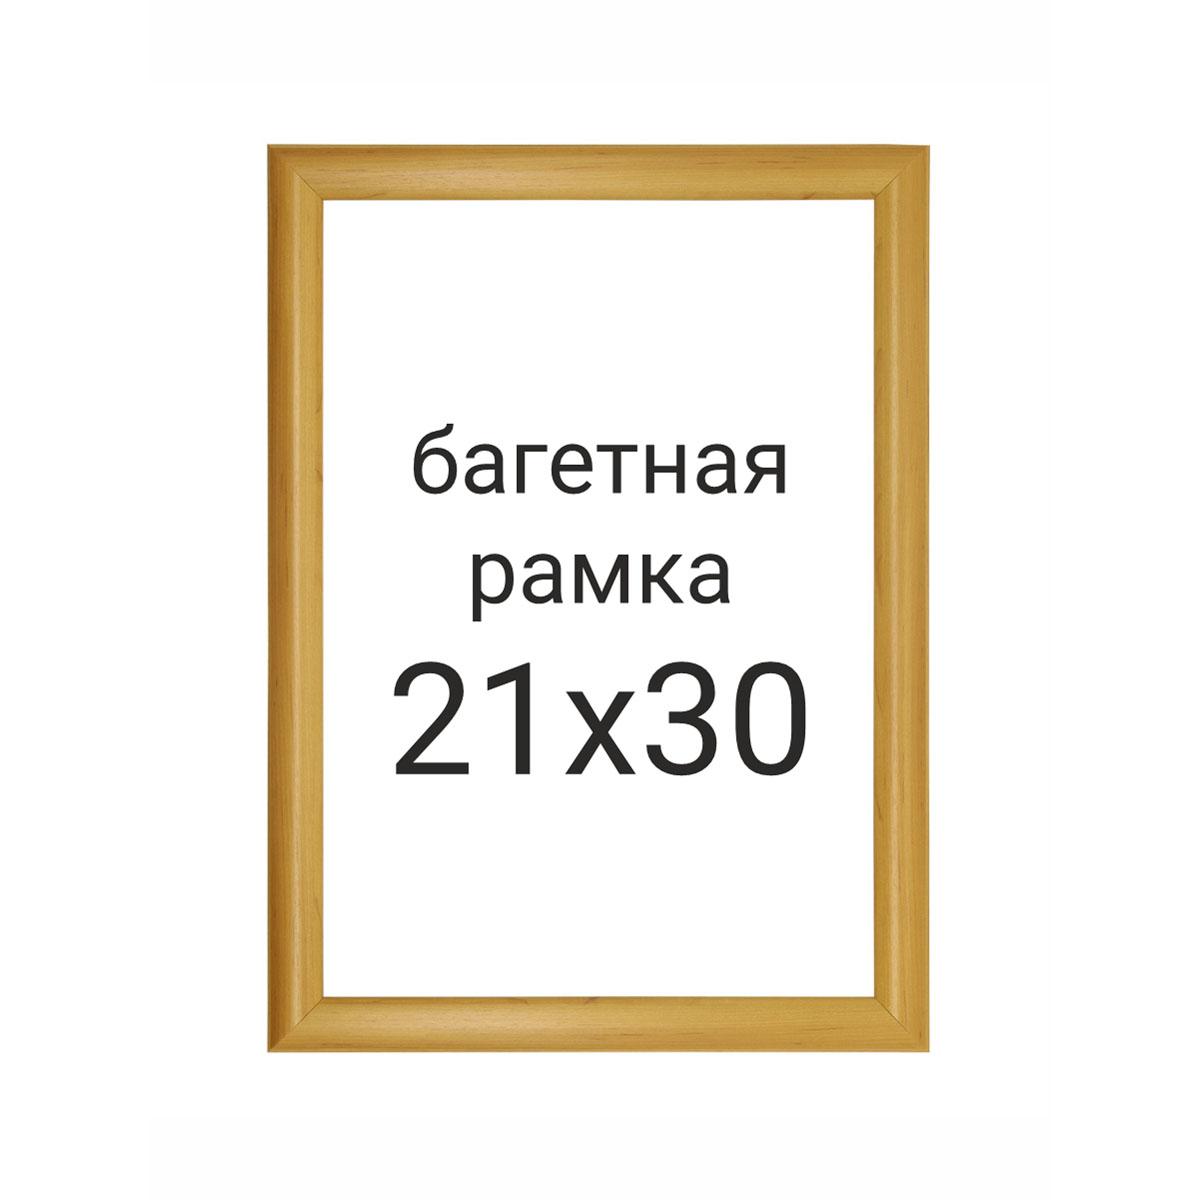 AH3 Рама со стеклом, 21х30 см